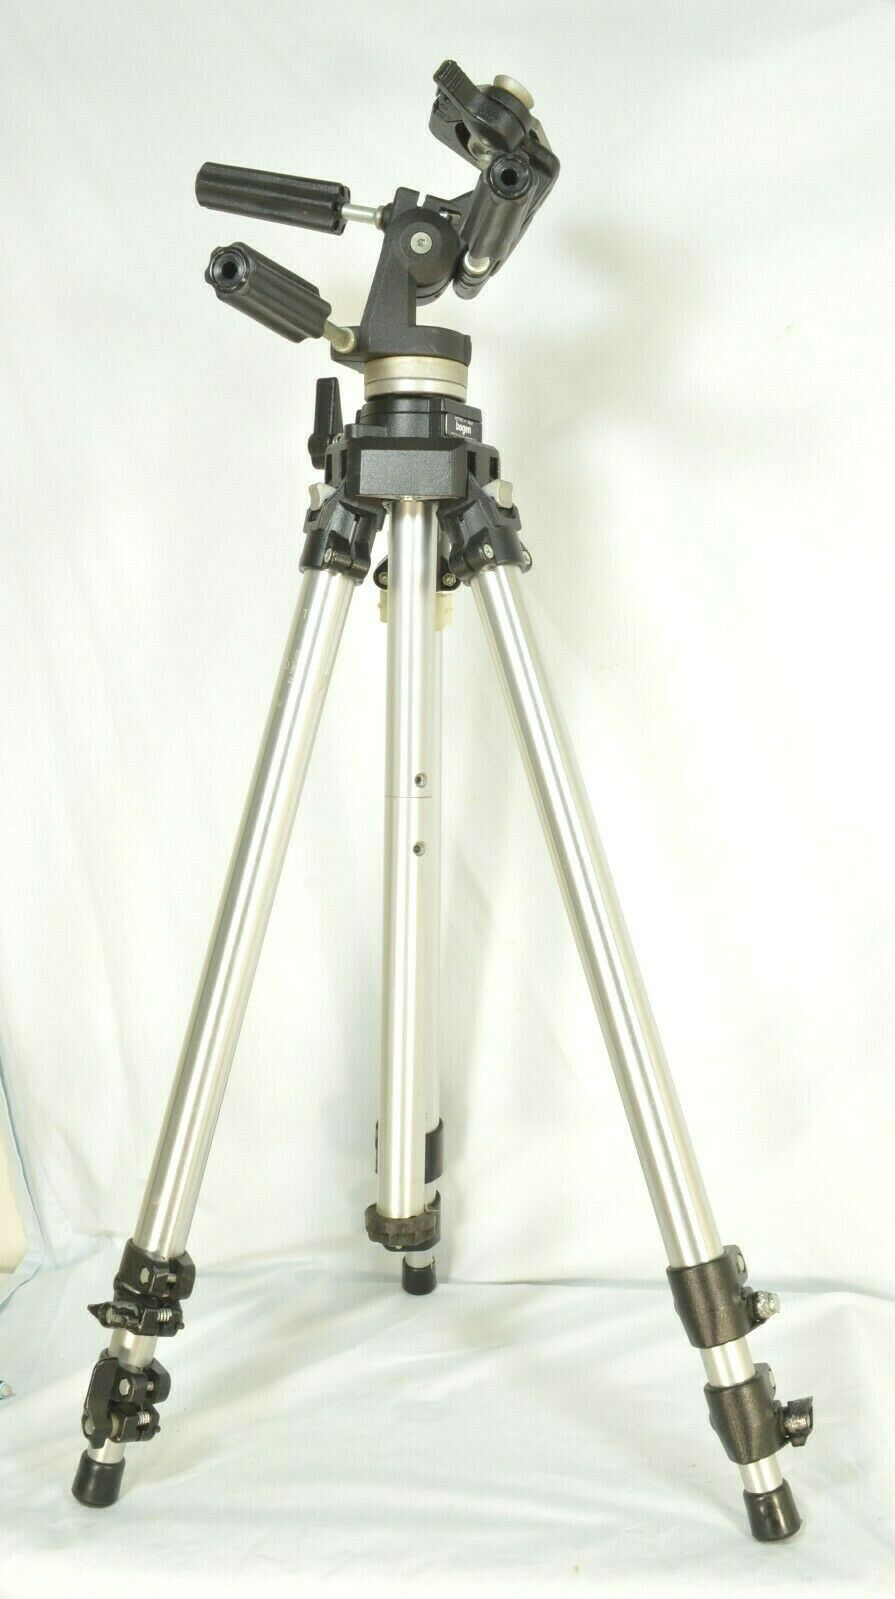 Manfrotto Bogen 3021 pro camera tripod +3047 Deluxe 3-way Pan/tilt Head